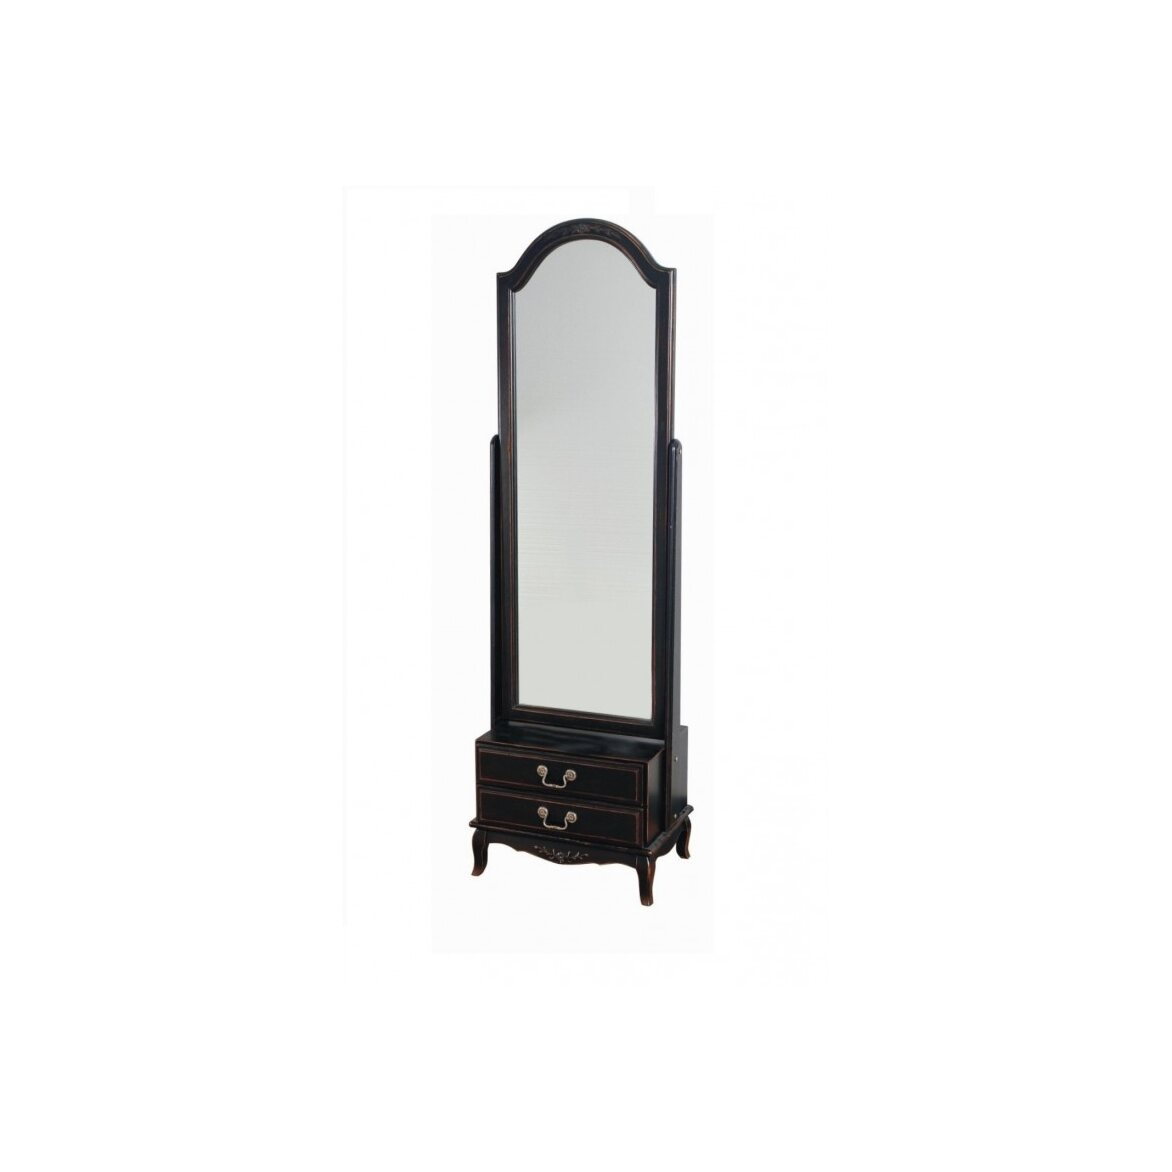 Большое напольное зеркало Leontina, черного цвета | Прямоугольные зеркала Kingsby